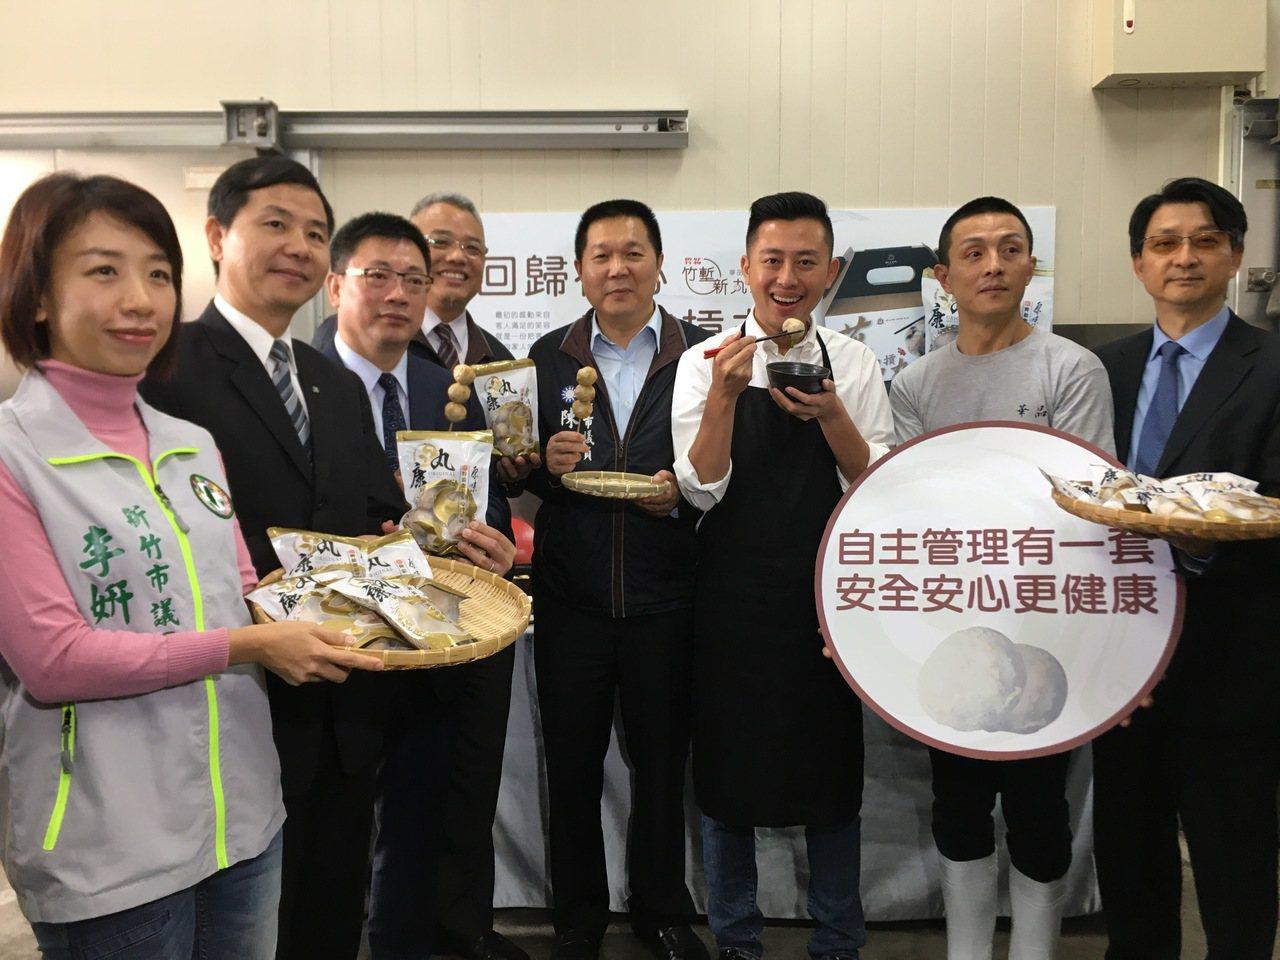 新竹市長林智堅到「華品摃丸」體驗製作流程,並推薦無添加的新竹好物。記者蔡昕穎/攝...